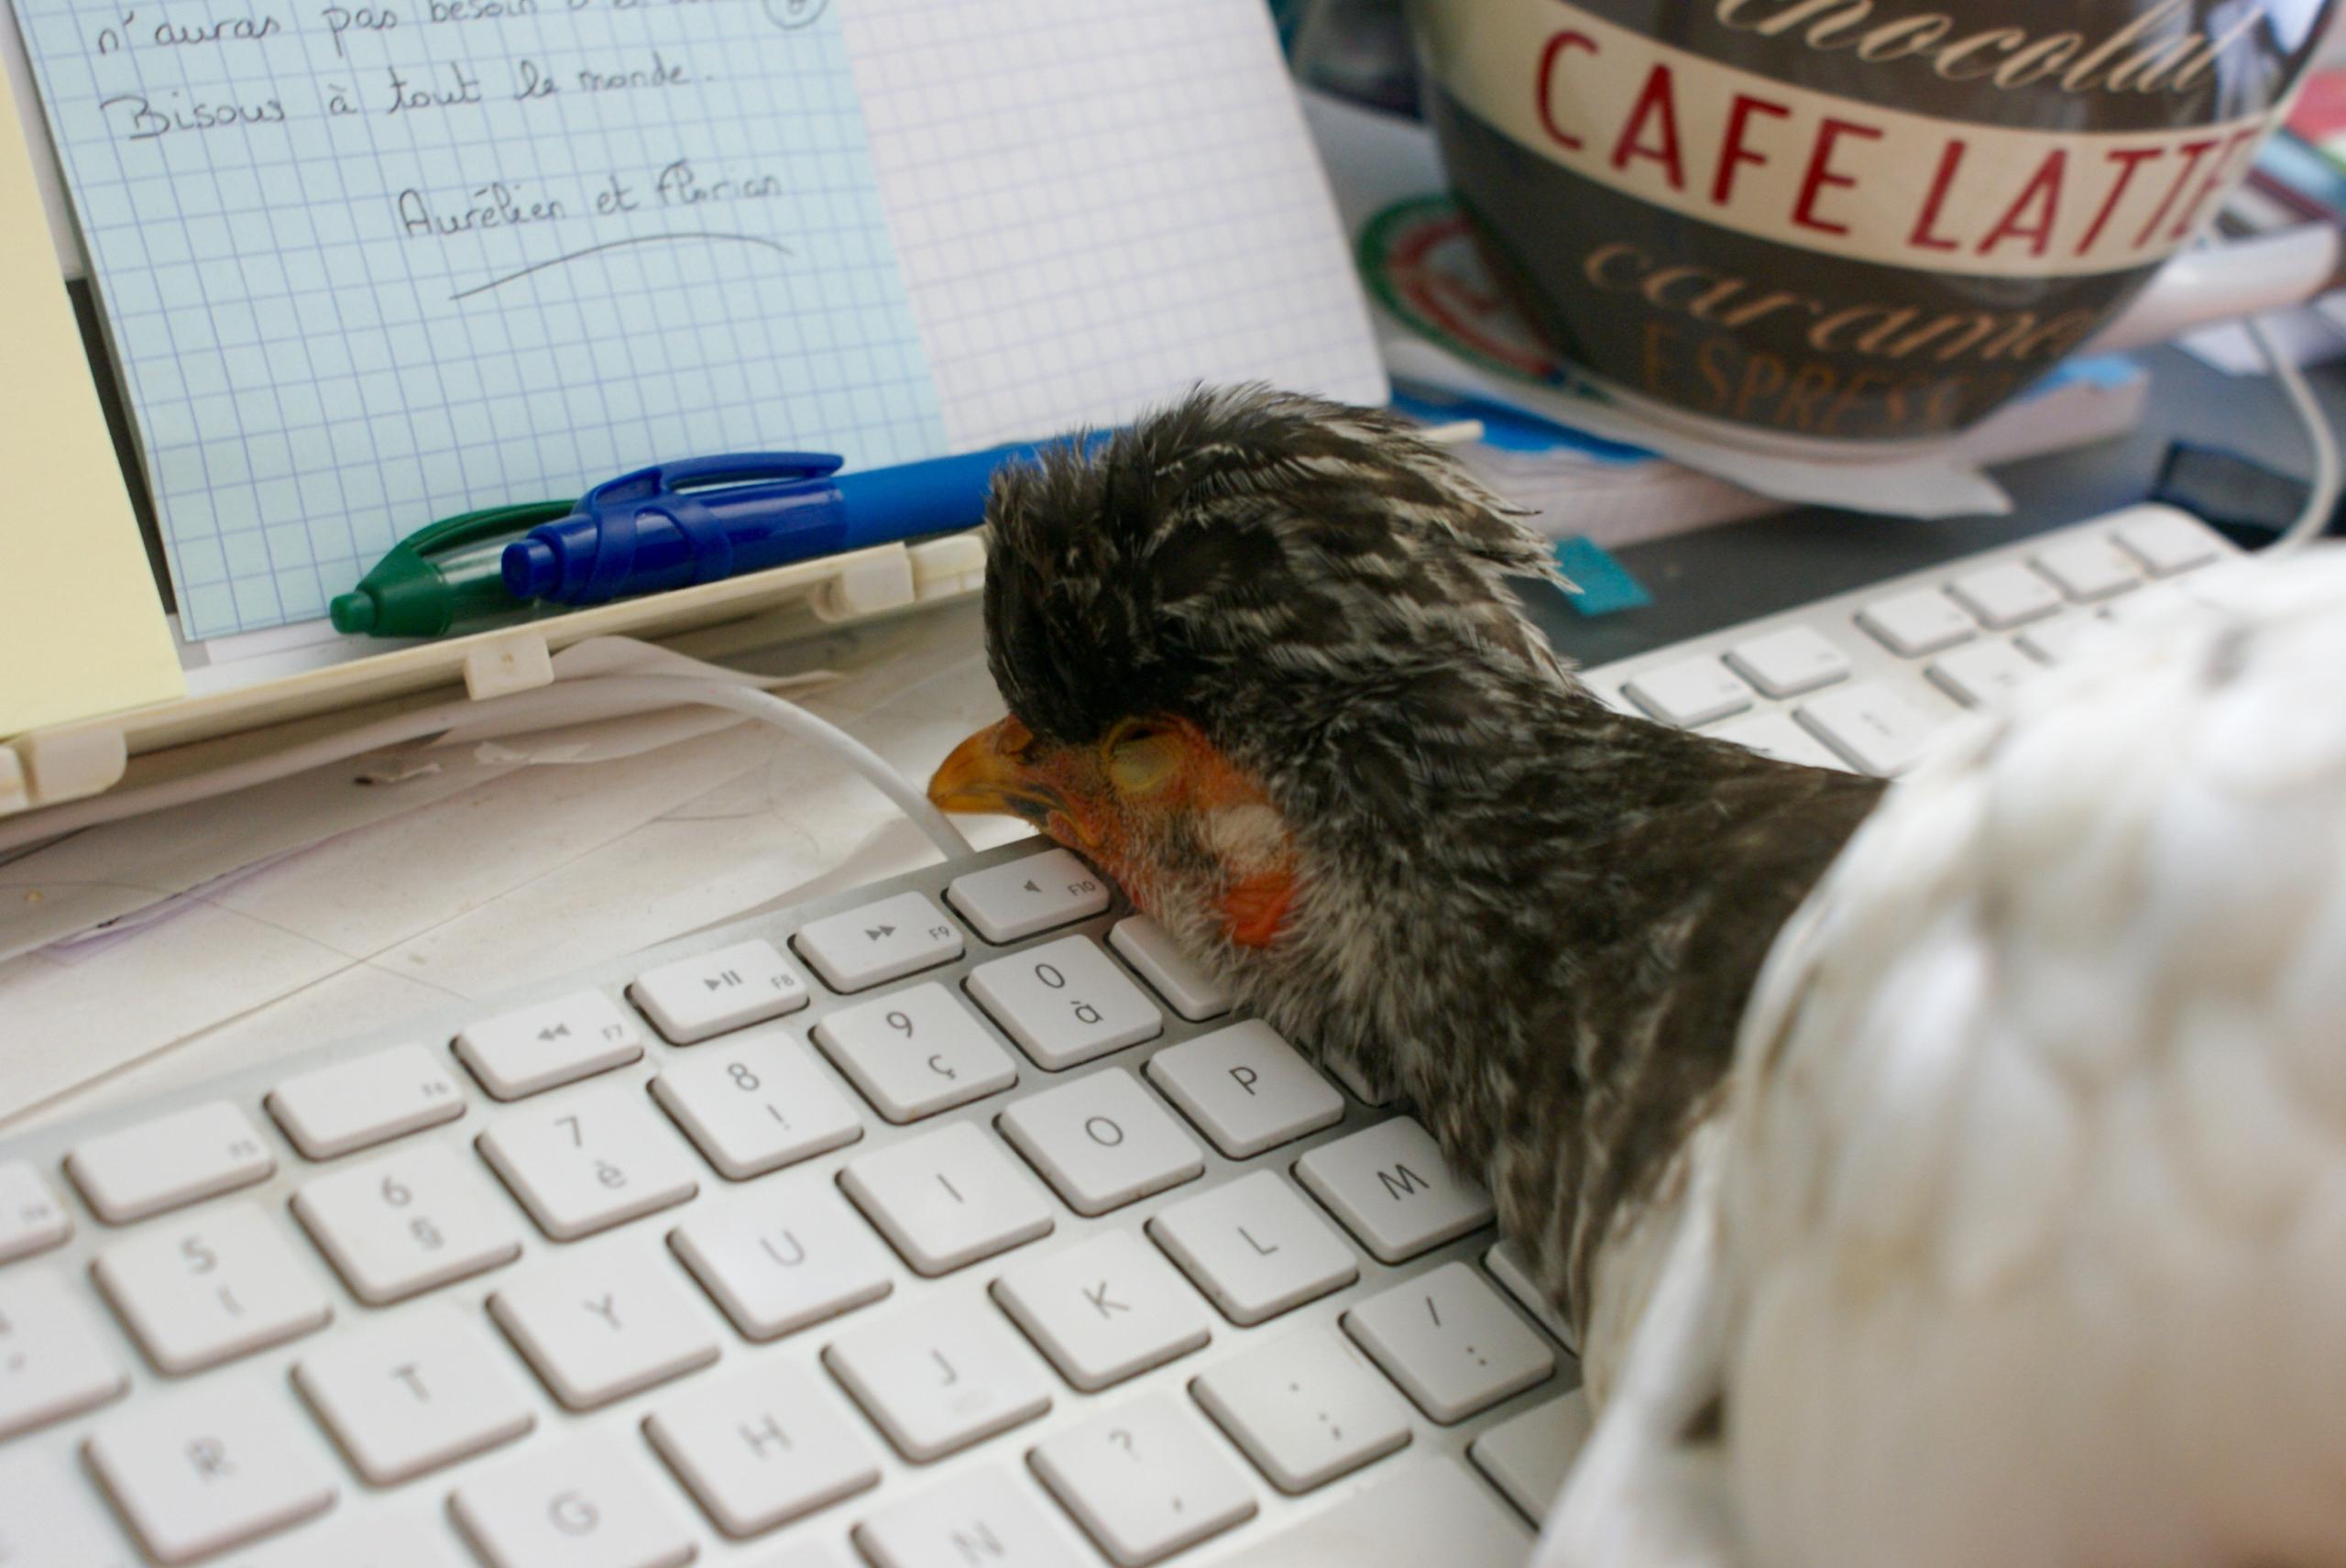 P'ang endormie la tête sur le clavier !